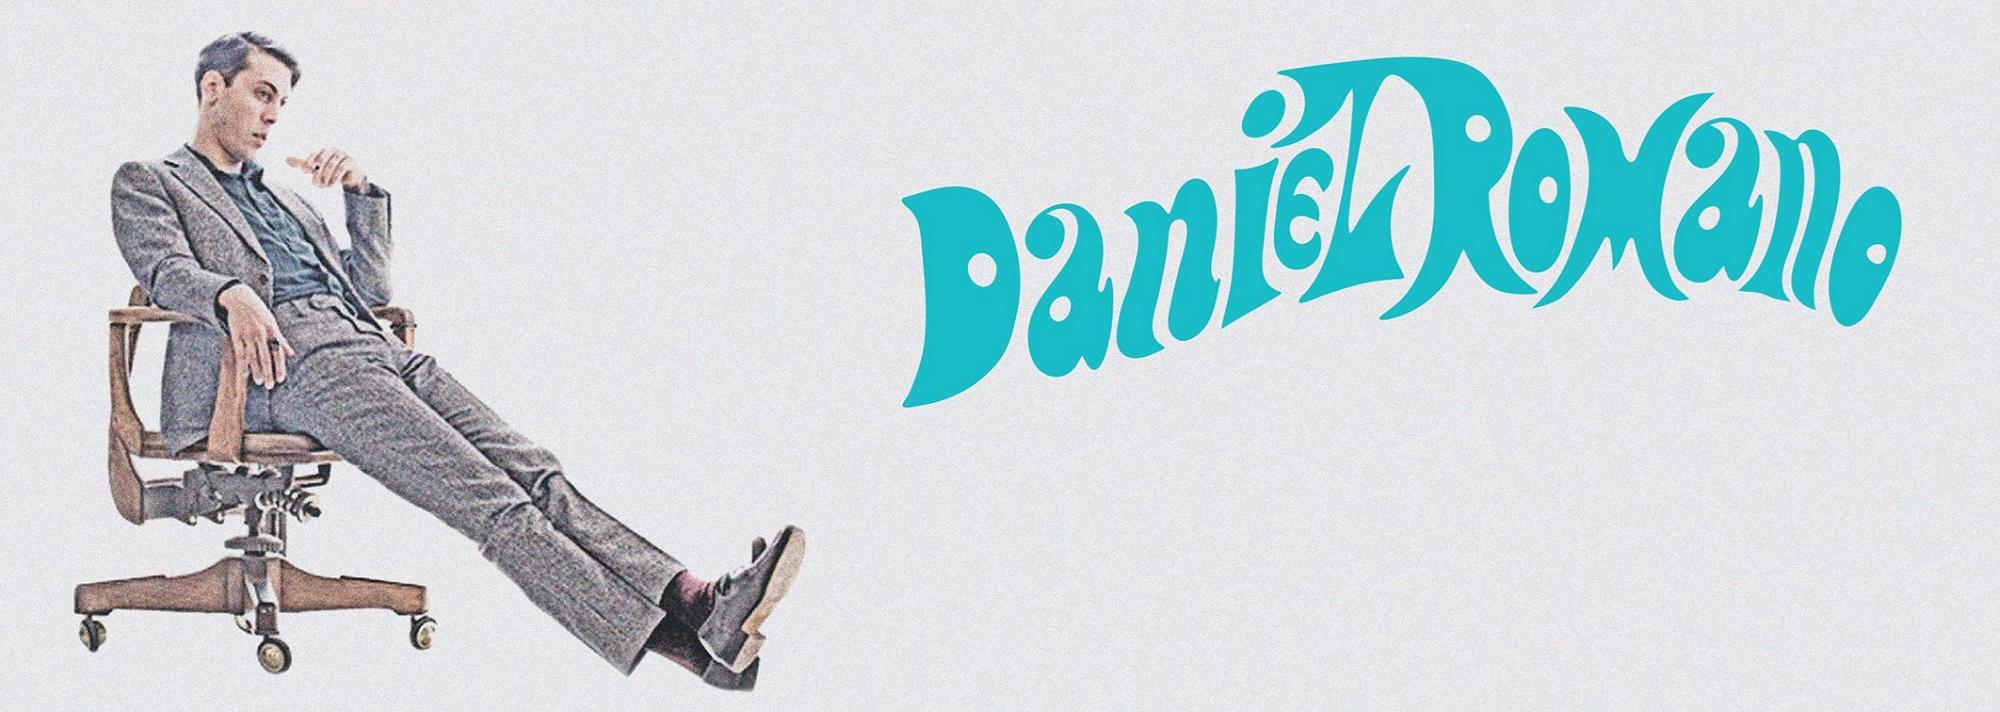 banner-daniel-romano